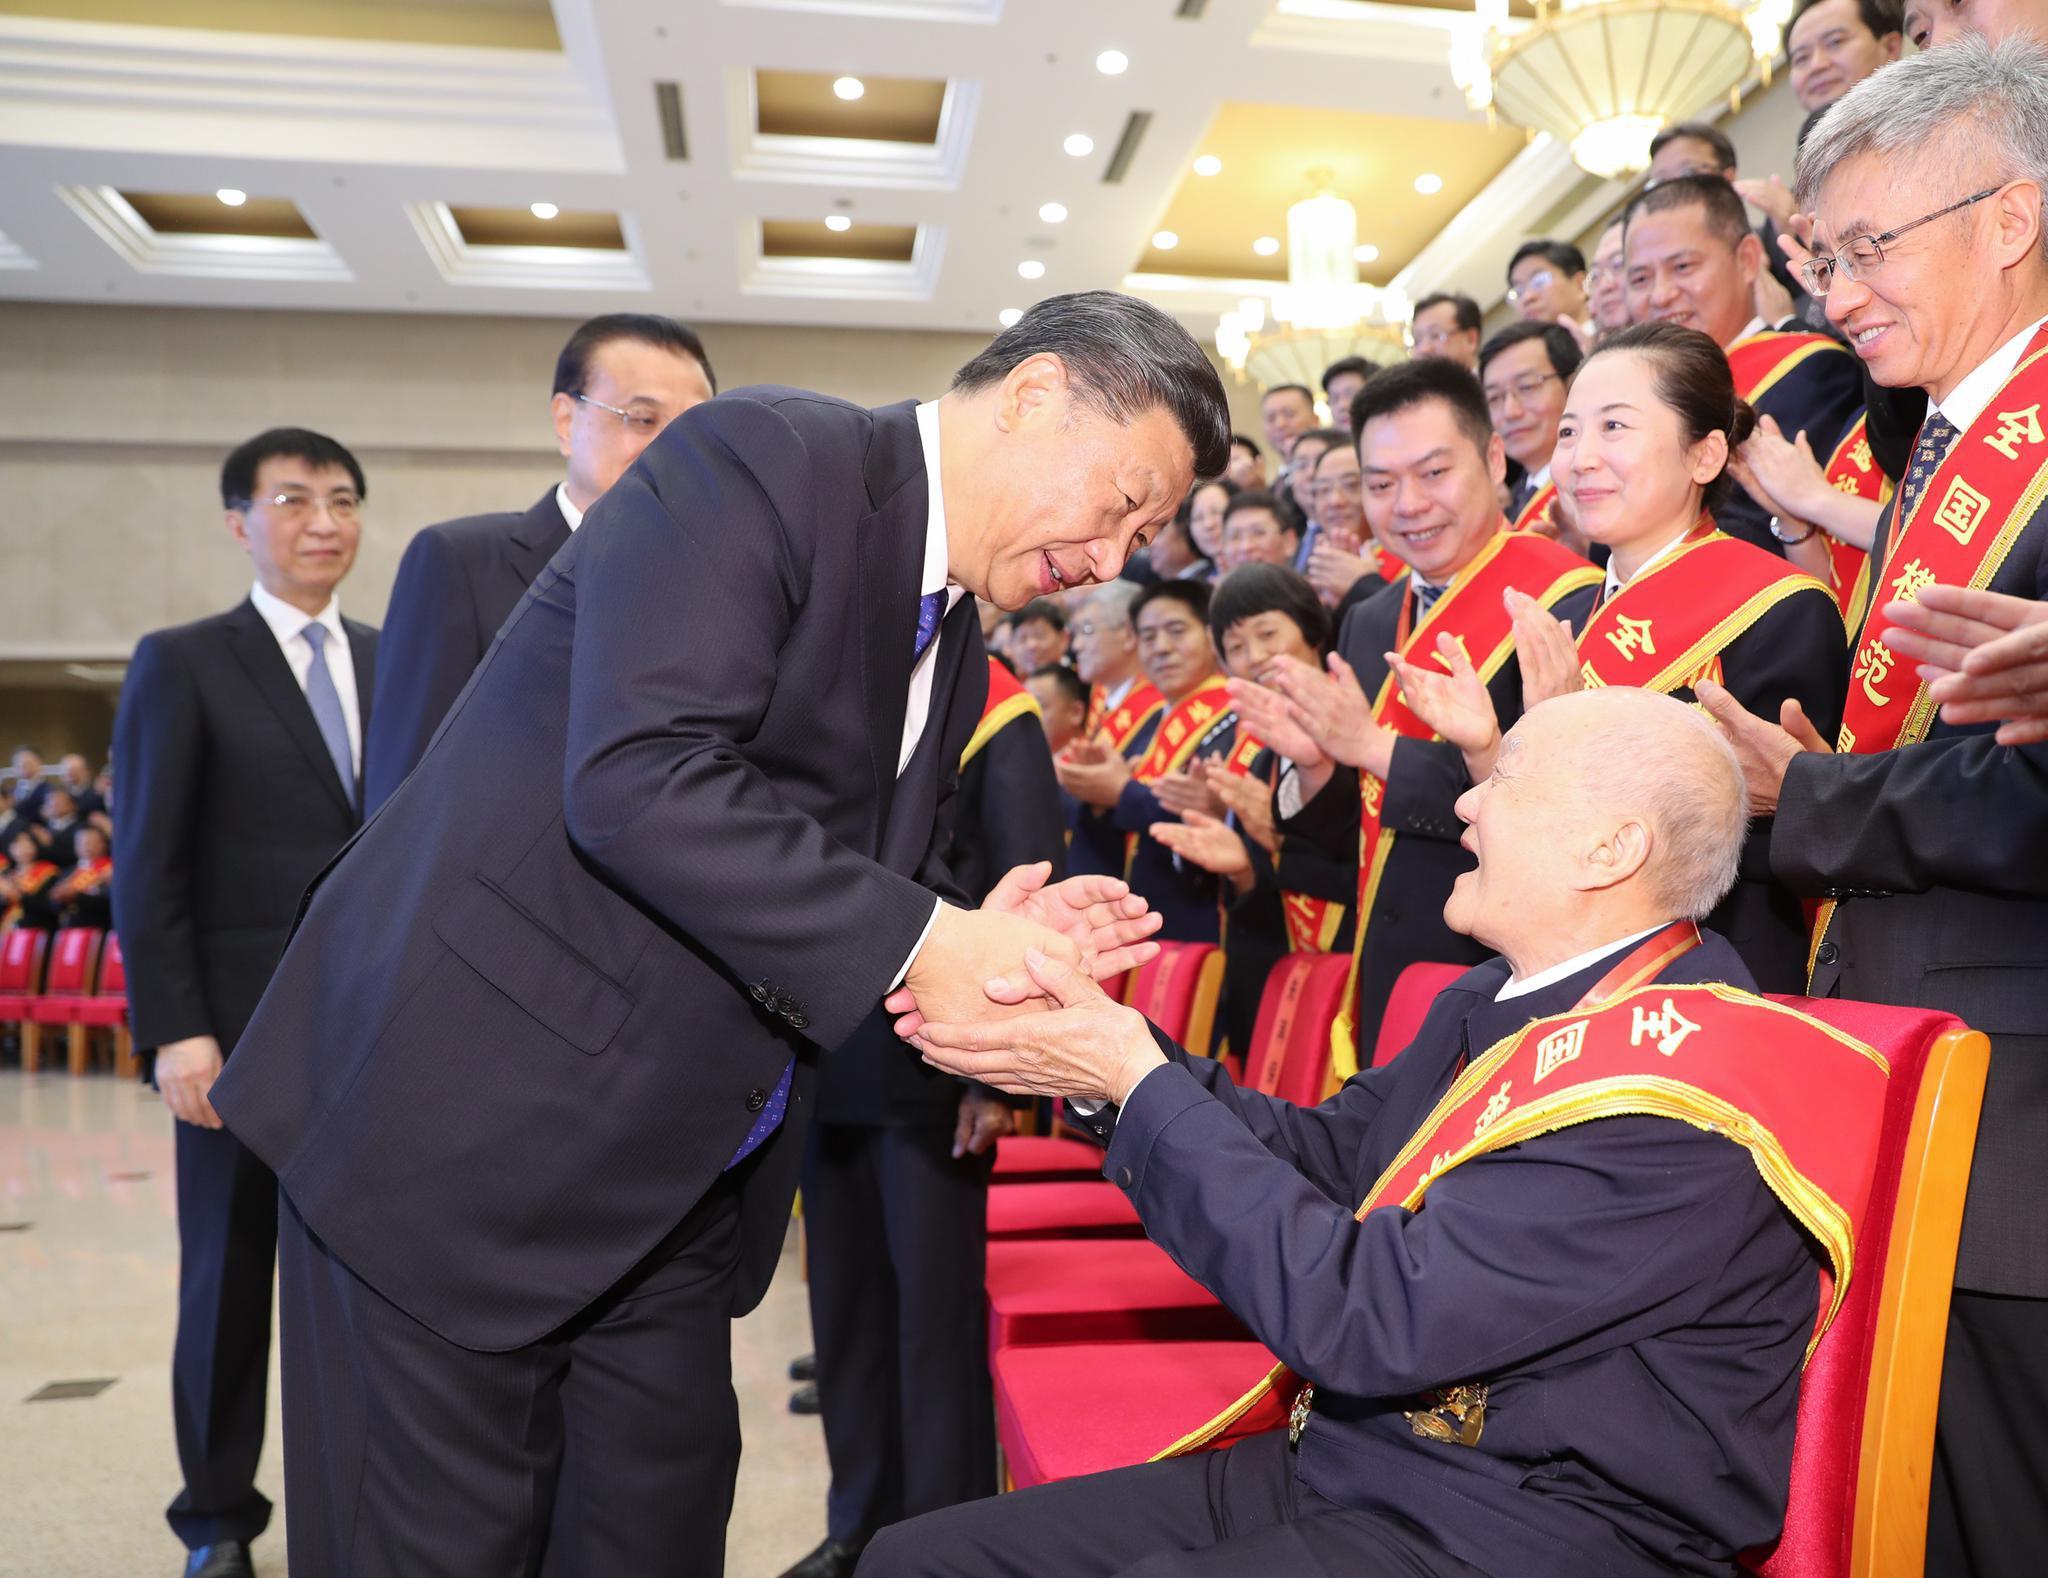 2019年7月26日,习近平总书记在北京访问天下退役武士事情集会全体代表。